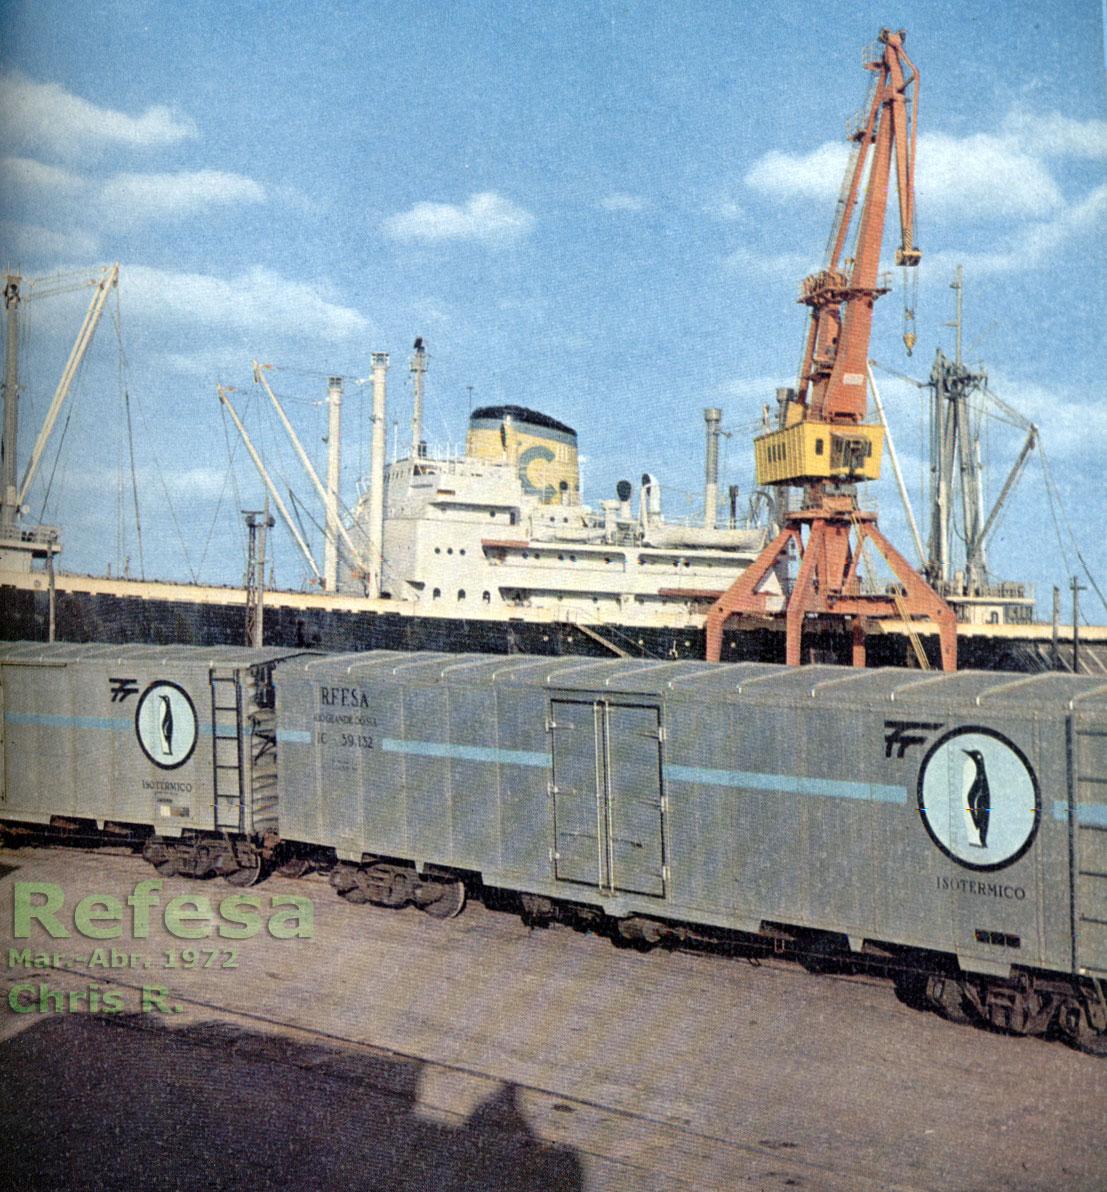 Vagões isotérmicos no porto de Rio Grande (RS) na década de 1970